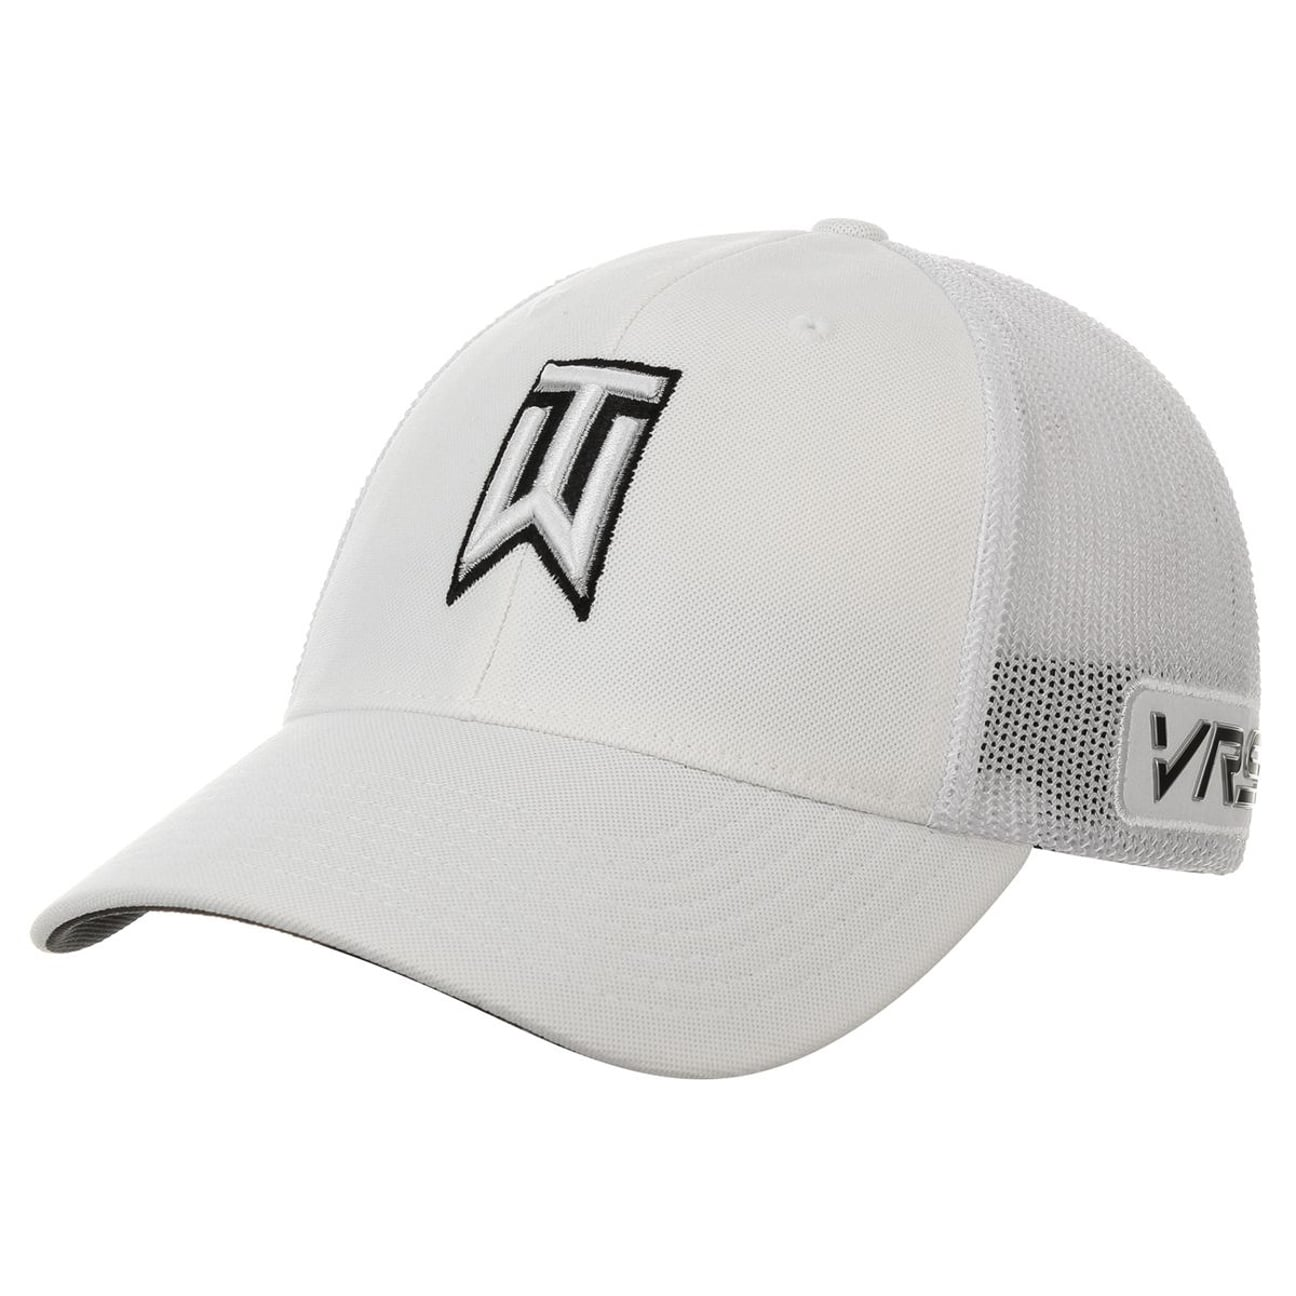 6e87814a ... Tiger Woods Flexfit Tour Mesh Cap by Nike - white 1